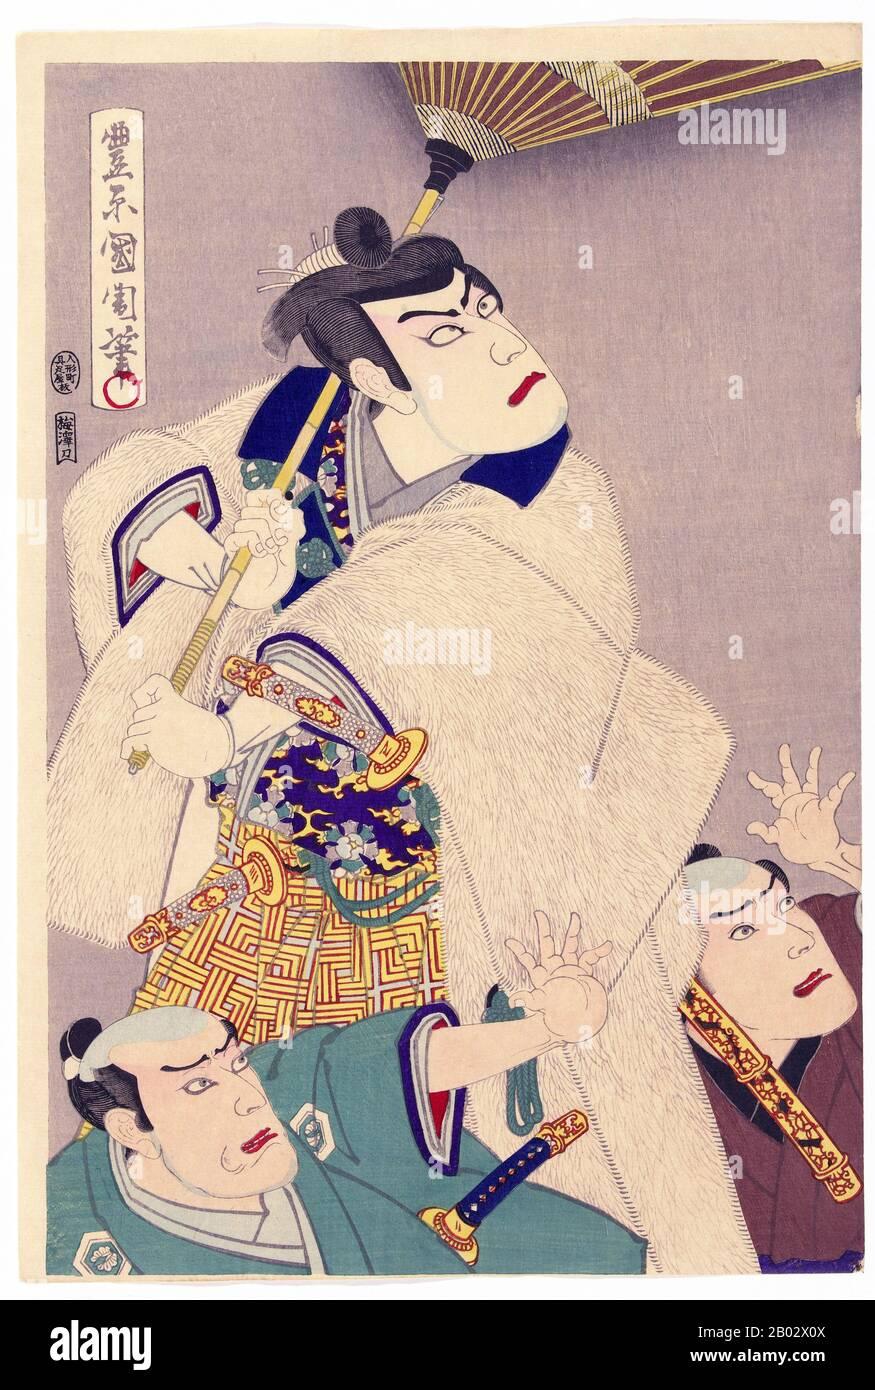 Toyohara Kunichika Japanese Art Print Kabuki Actors